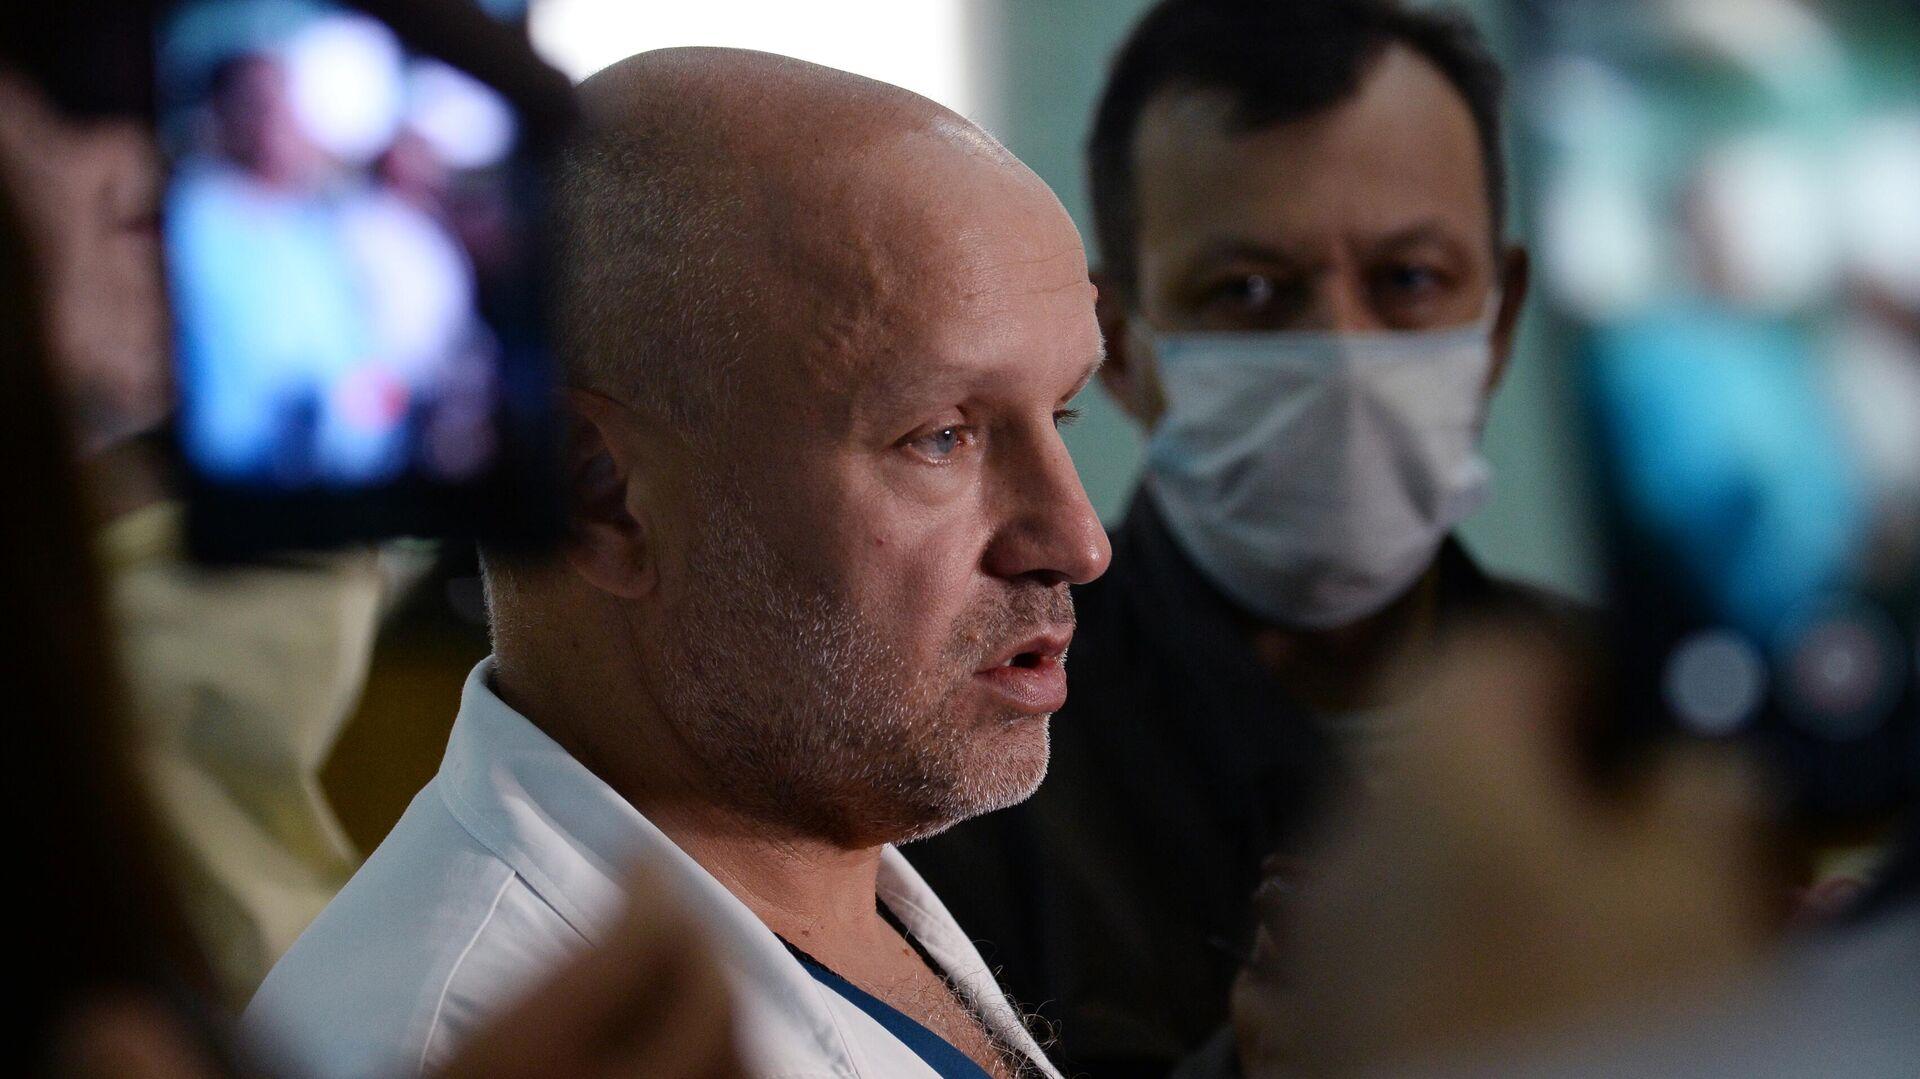 Возобновились поиски главы омского минздрава Мураховского